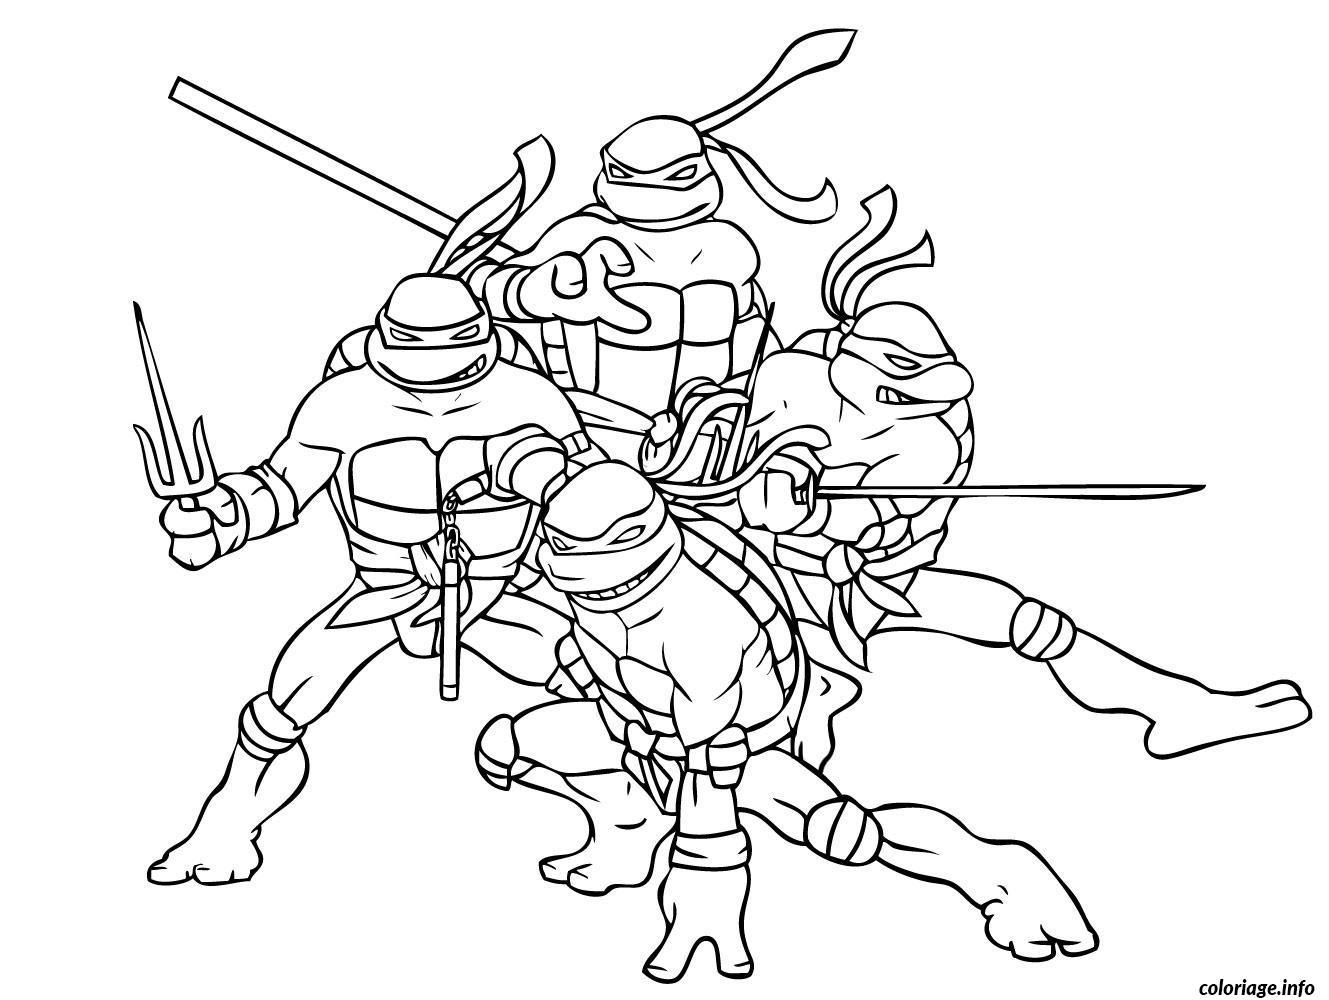 Dessin tortue ninja 6 Coloriage Gratuit à Imprimer